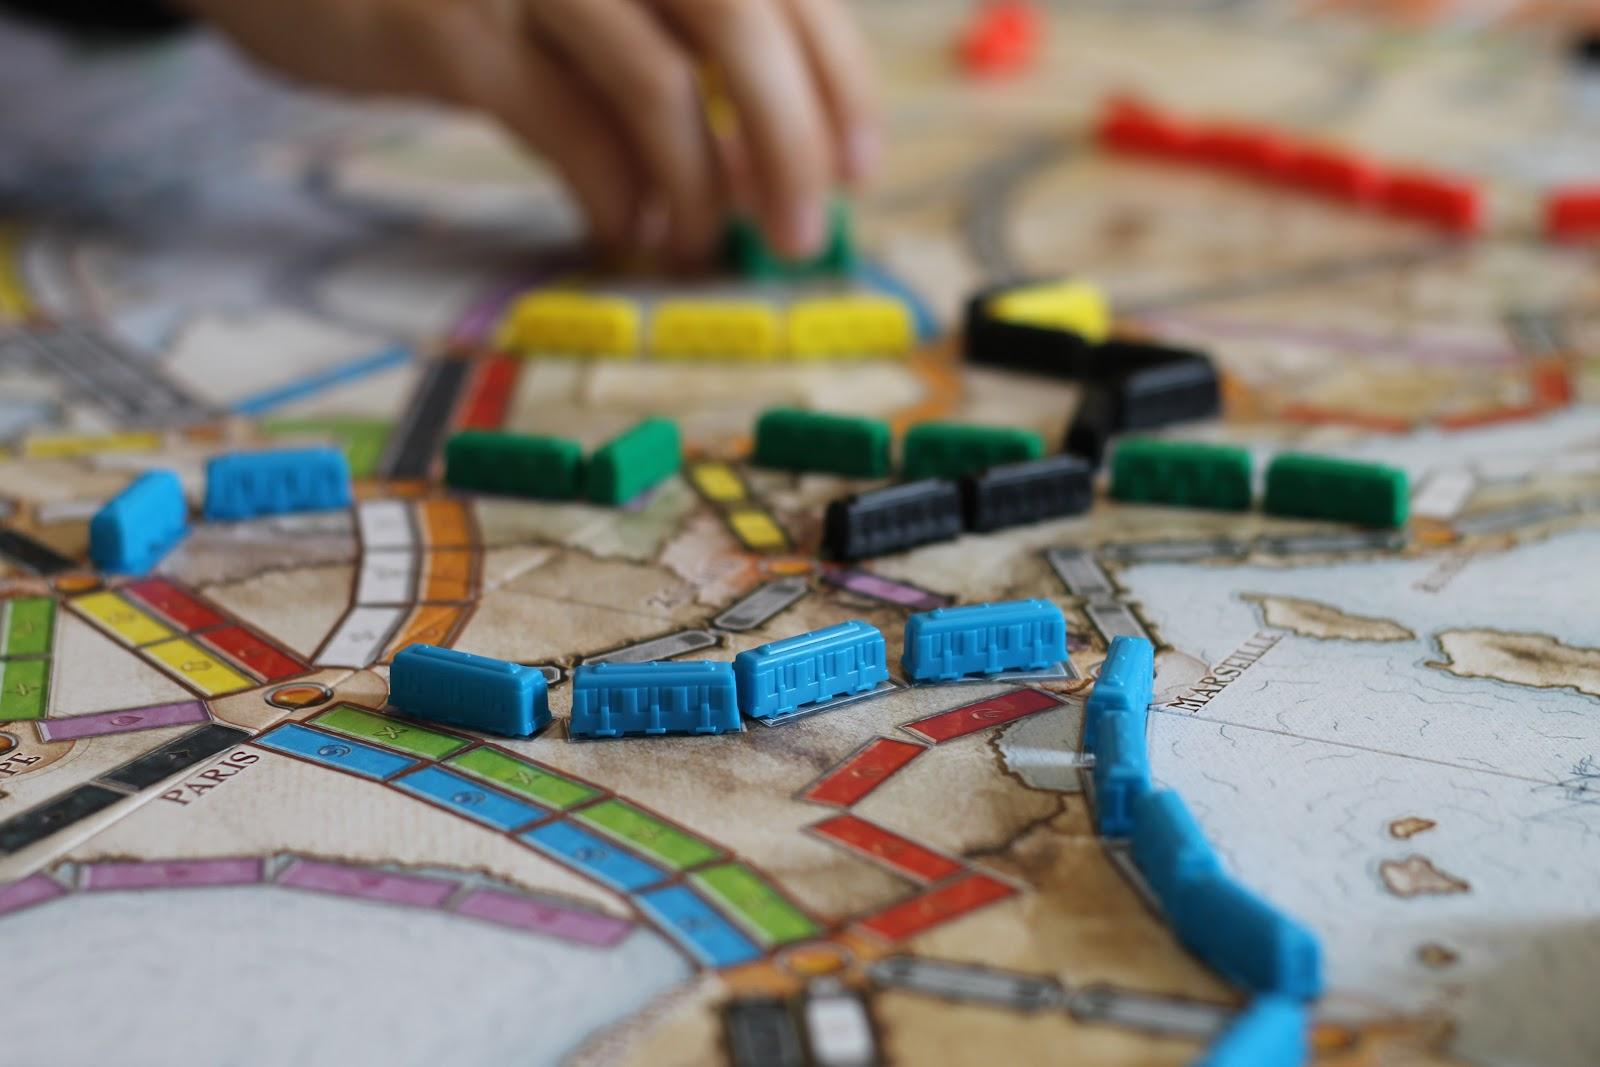 Pessoa jogando um jogo de tabuleiro que tem como peças, vagões de trem